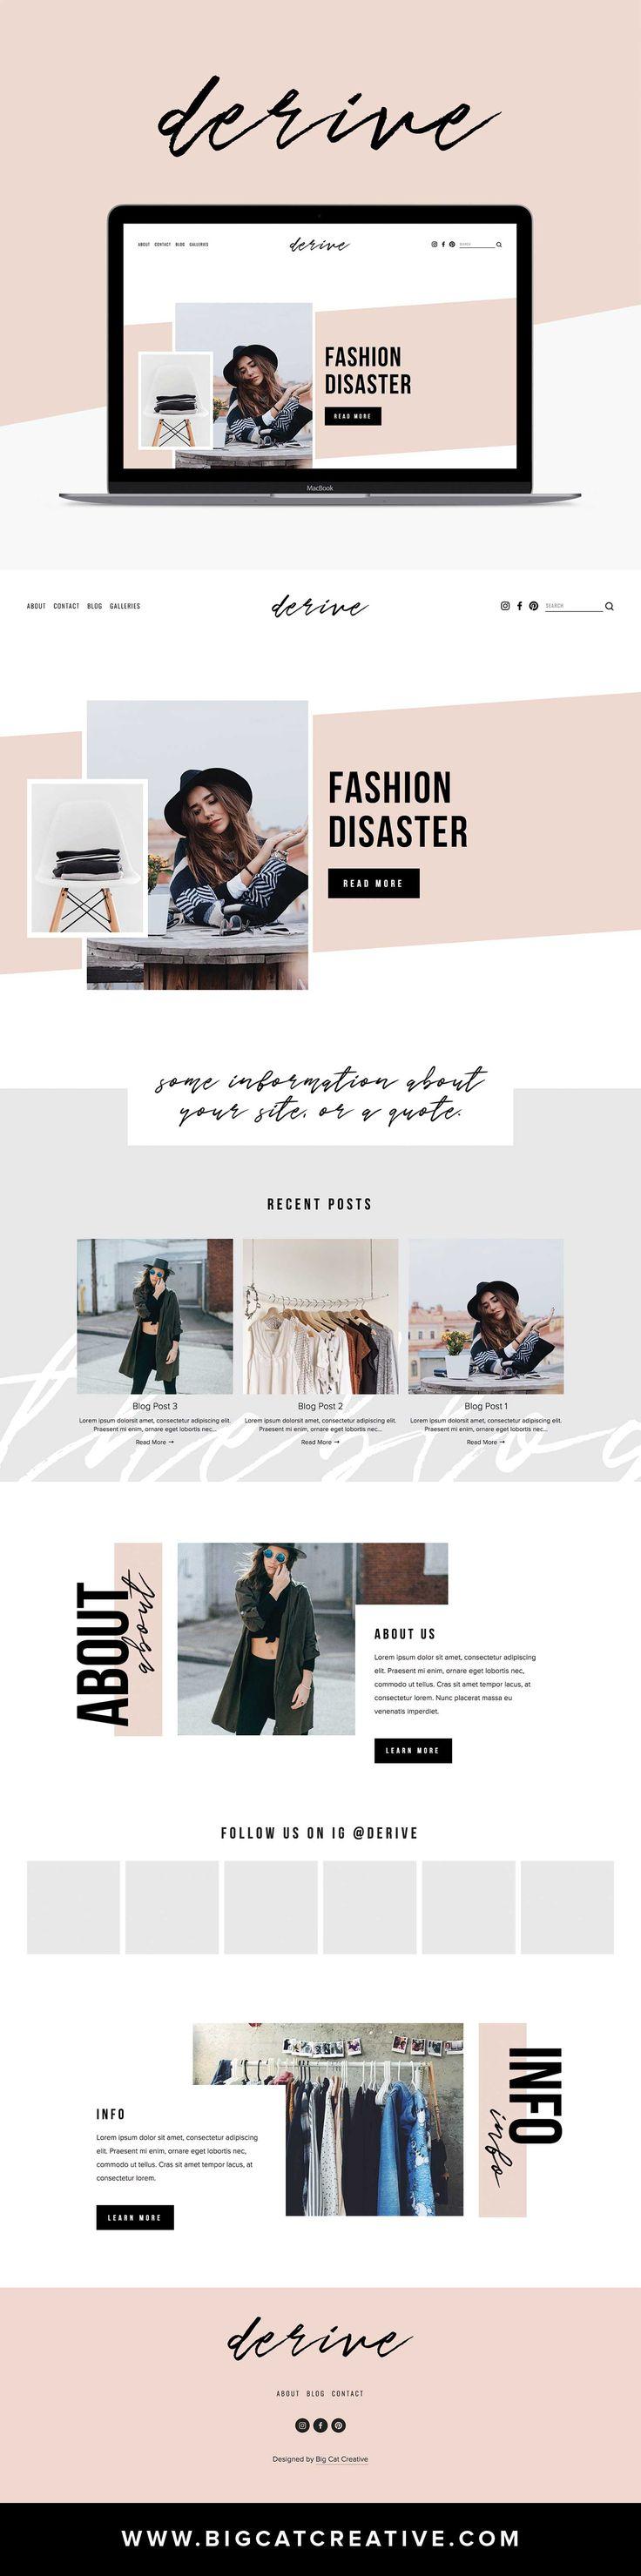 576 best design web design inspiration images on pinterest blog design bridal invitations. Black Bedroom Furniture Sets. Home Design Ideas